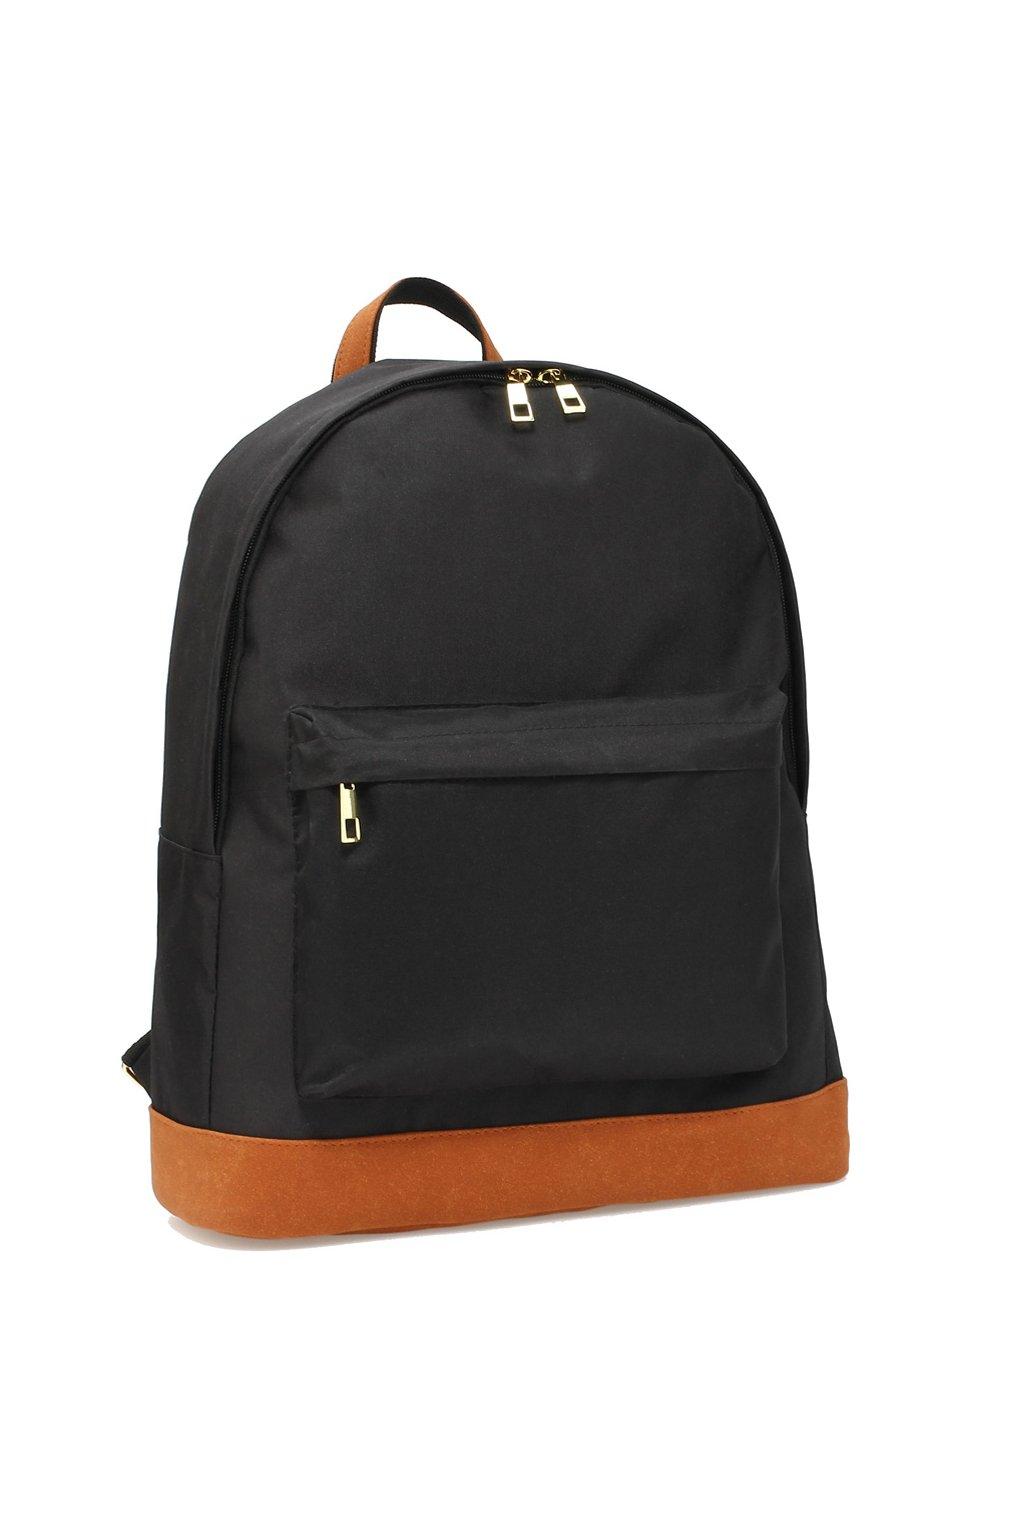 AG00620 Black 1